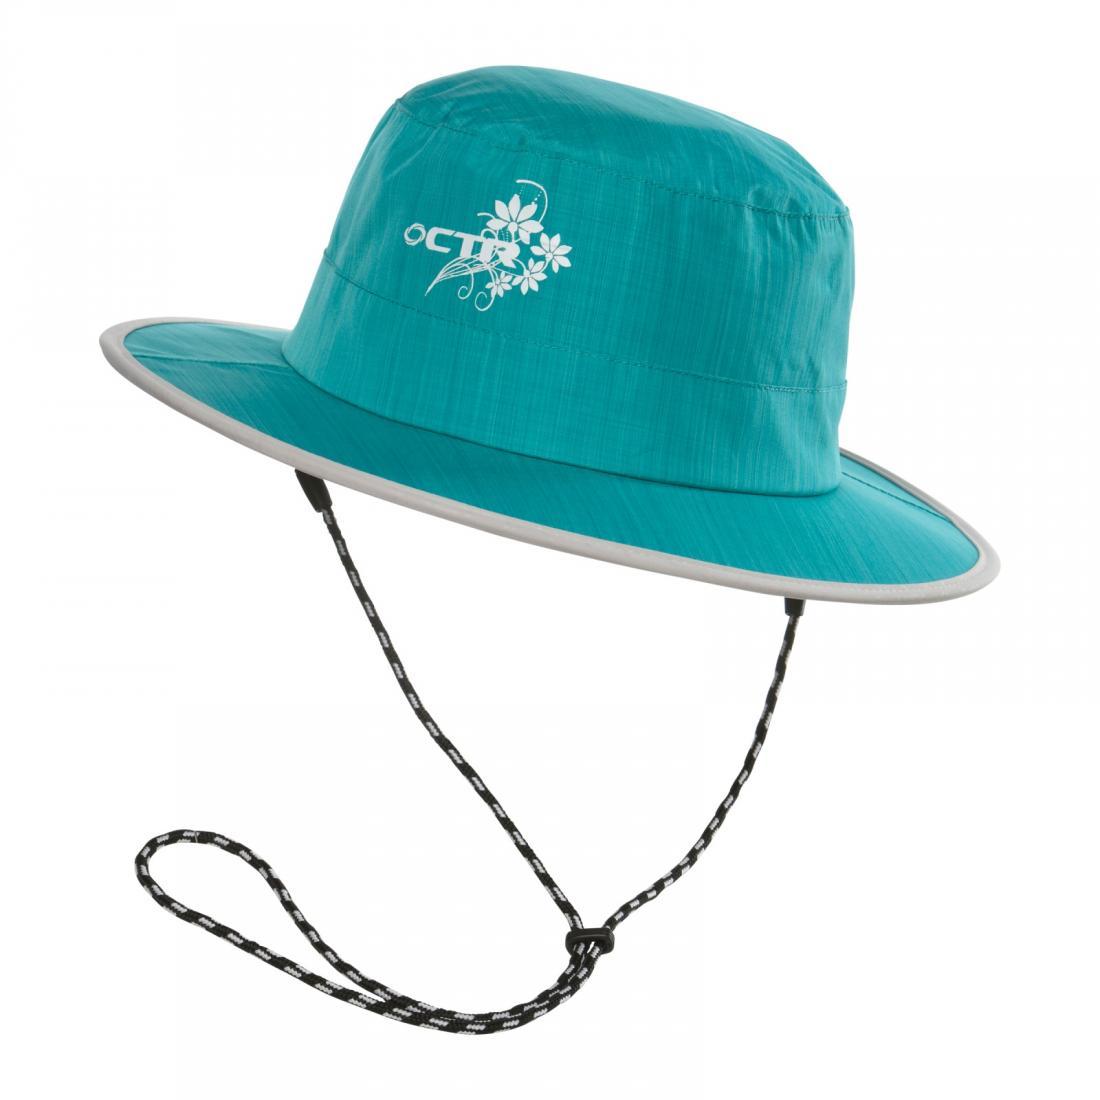 Панама Chaos  Stratus Bucket Hat (женс)Панамы<br><br> Женская панама Chaos Stratus Bucket Hat привлекает внимание сочными оттенками и небольшим элегантным принтом. Она станет верной спутницей в путешествиях и незаменимой помощницей в любую погоду. Эта модель одинаково хорошо защищает от ярких солнечны...<br><br>Цвет: Голубой<br>Размер: S-M